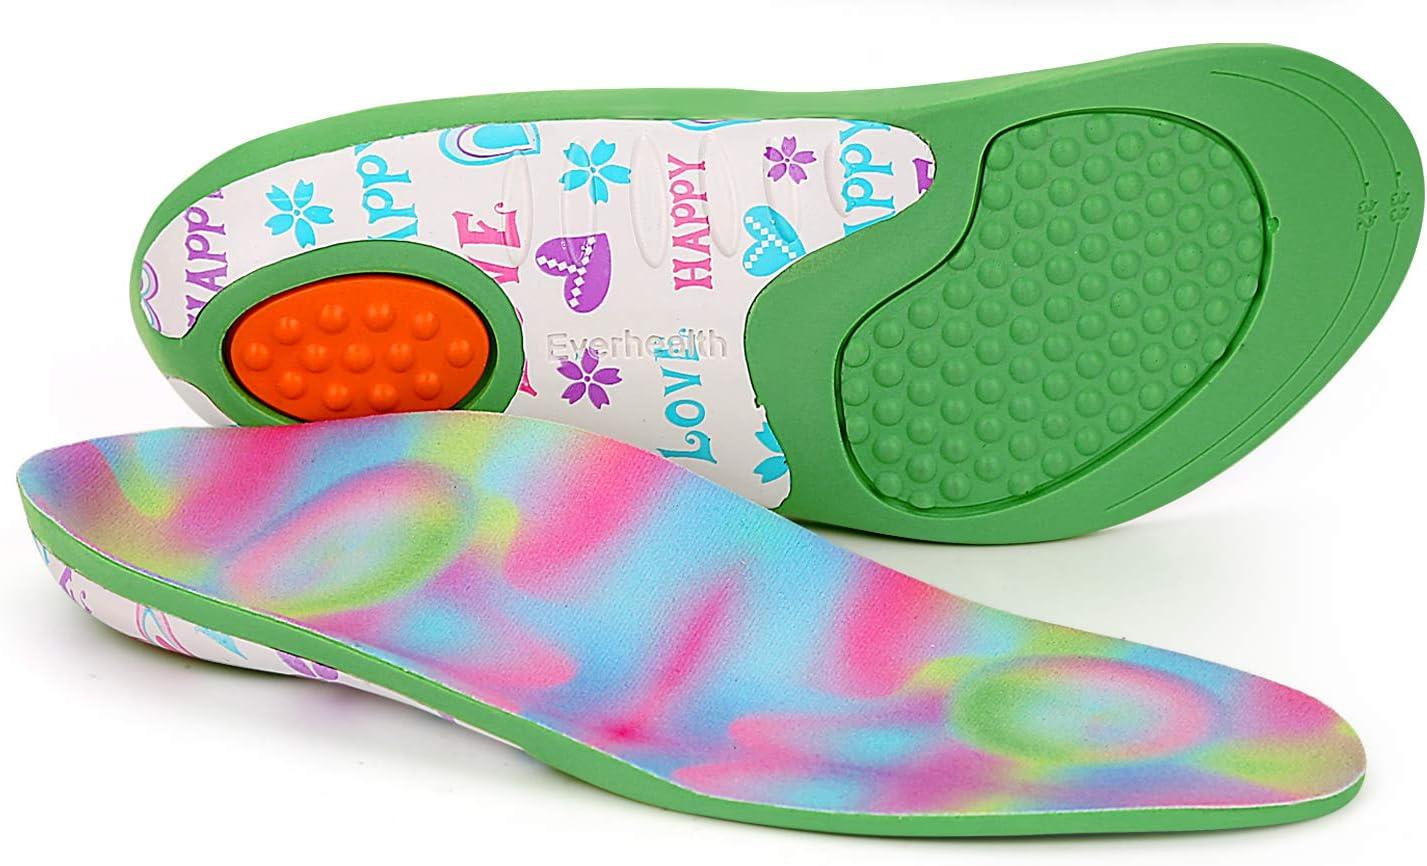 Plantillas para niños Insertos de zapatos Ortesis Comfort Arch Support, Suela interna que absorbe los golpes Cojines para el talón, Pies planos, Pronación por debajo/por encima (35-37 EU)